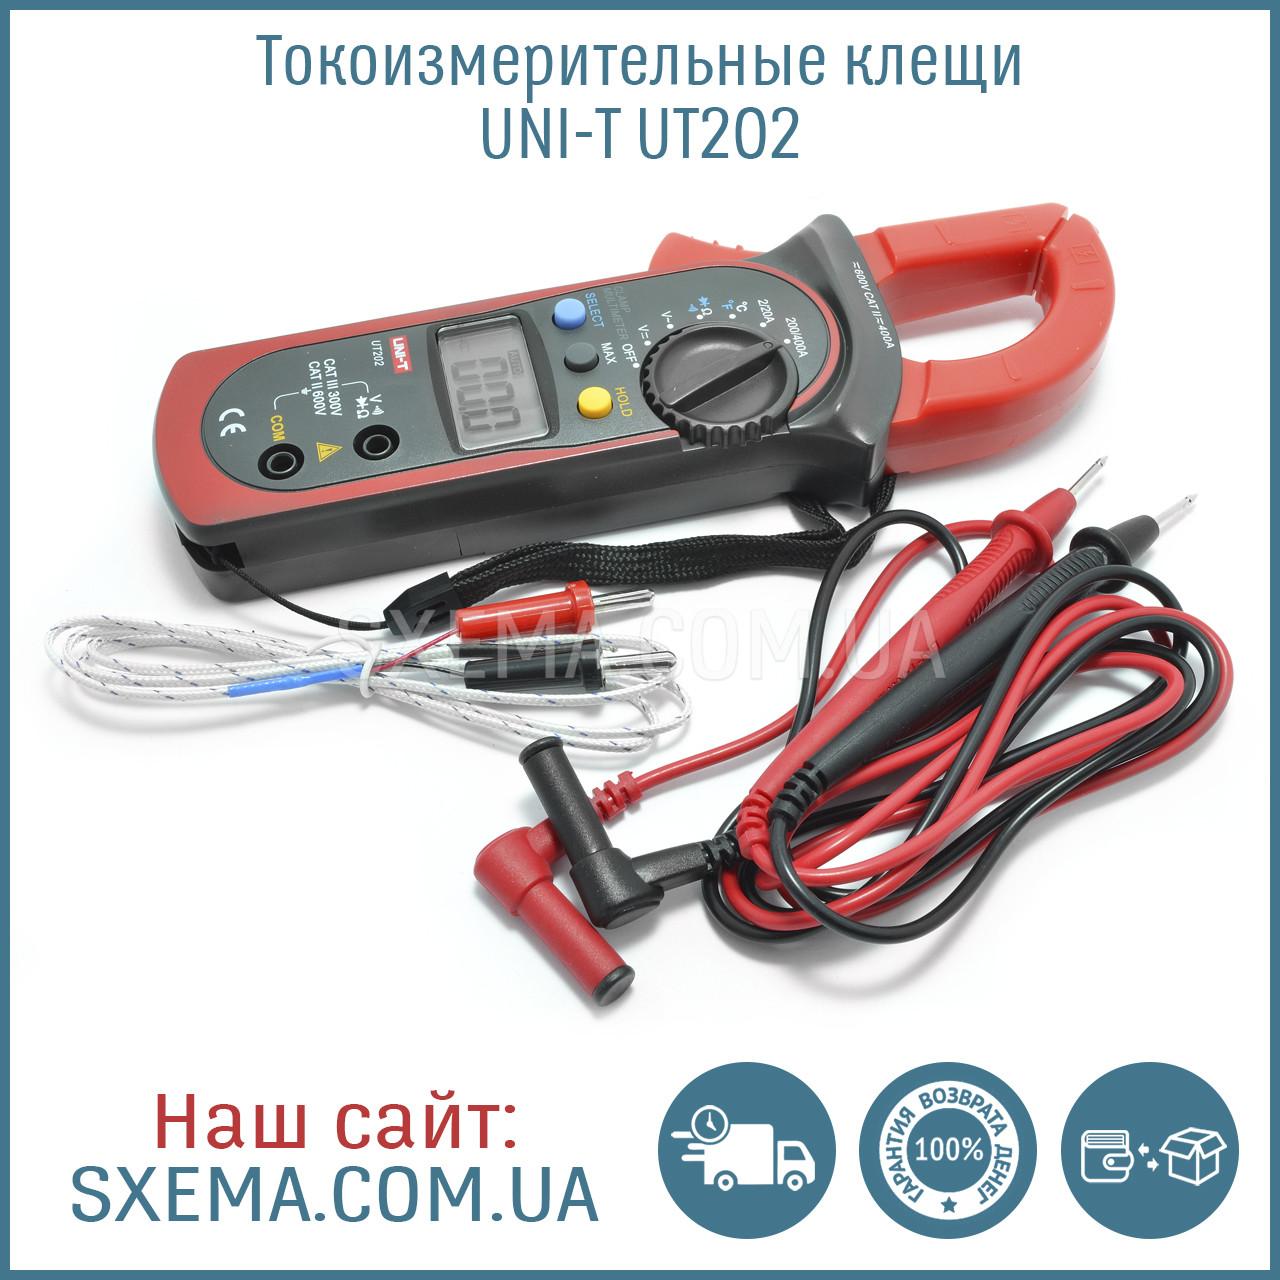 Токоизмерительные токовые клещи Uni-T UT-202